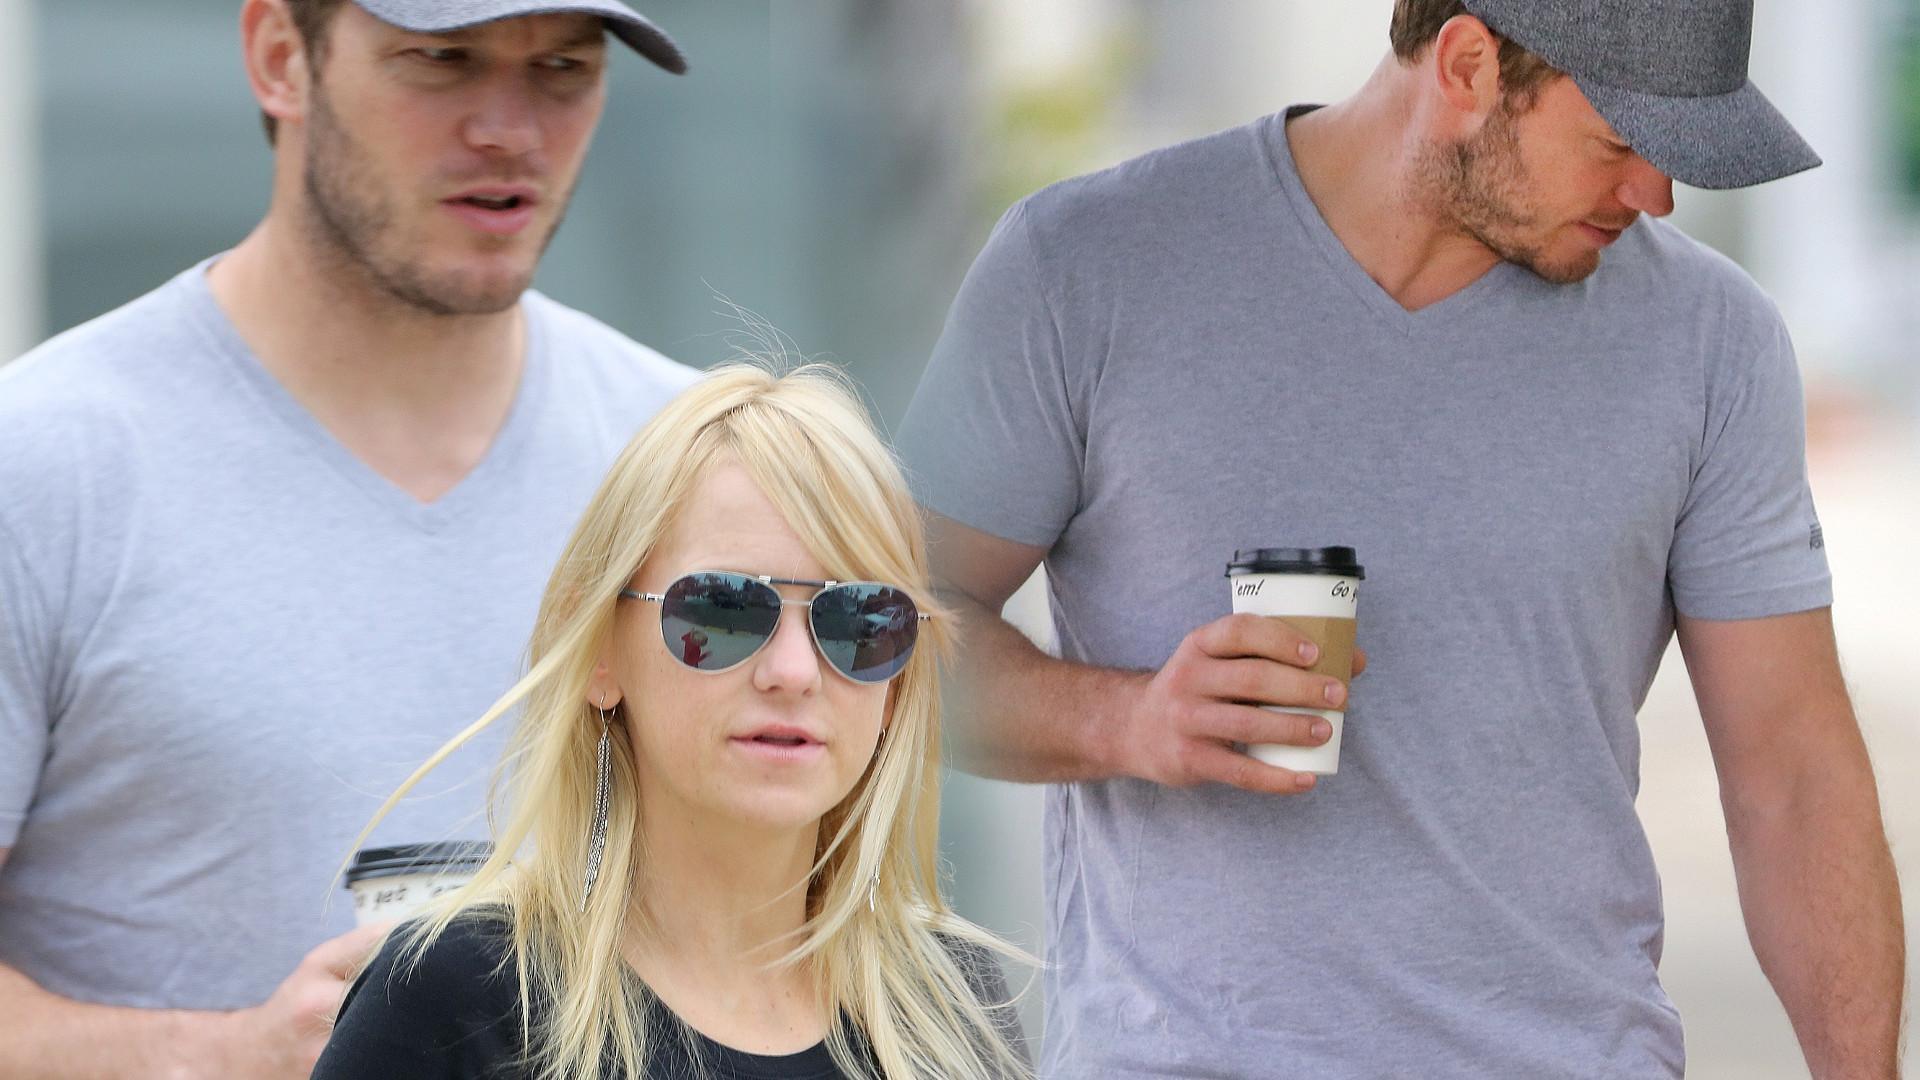 ROK po rozstaniu, Chris Pratt i Anna Faris znów widziani RAZEM (ZDJĘCIA)